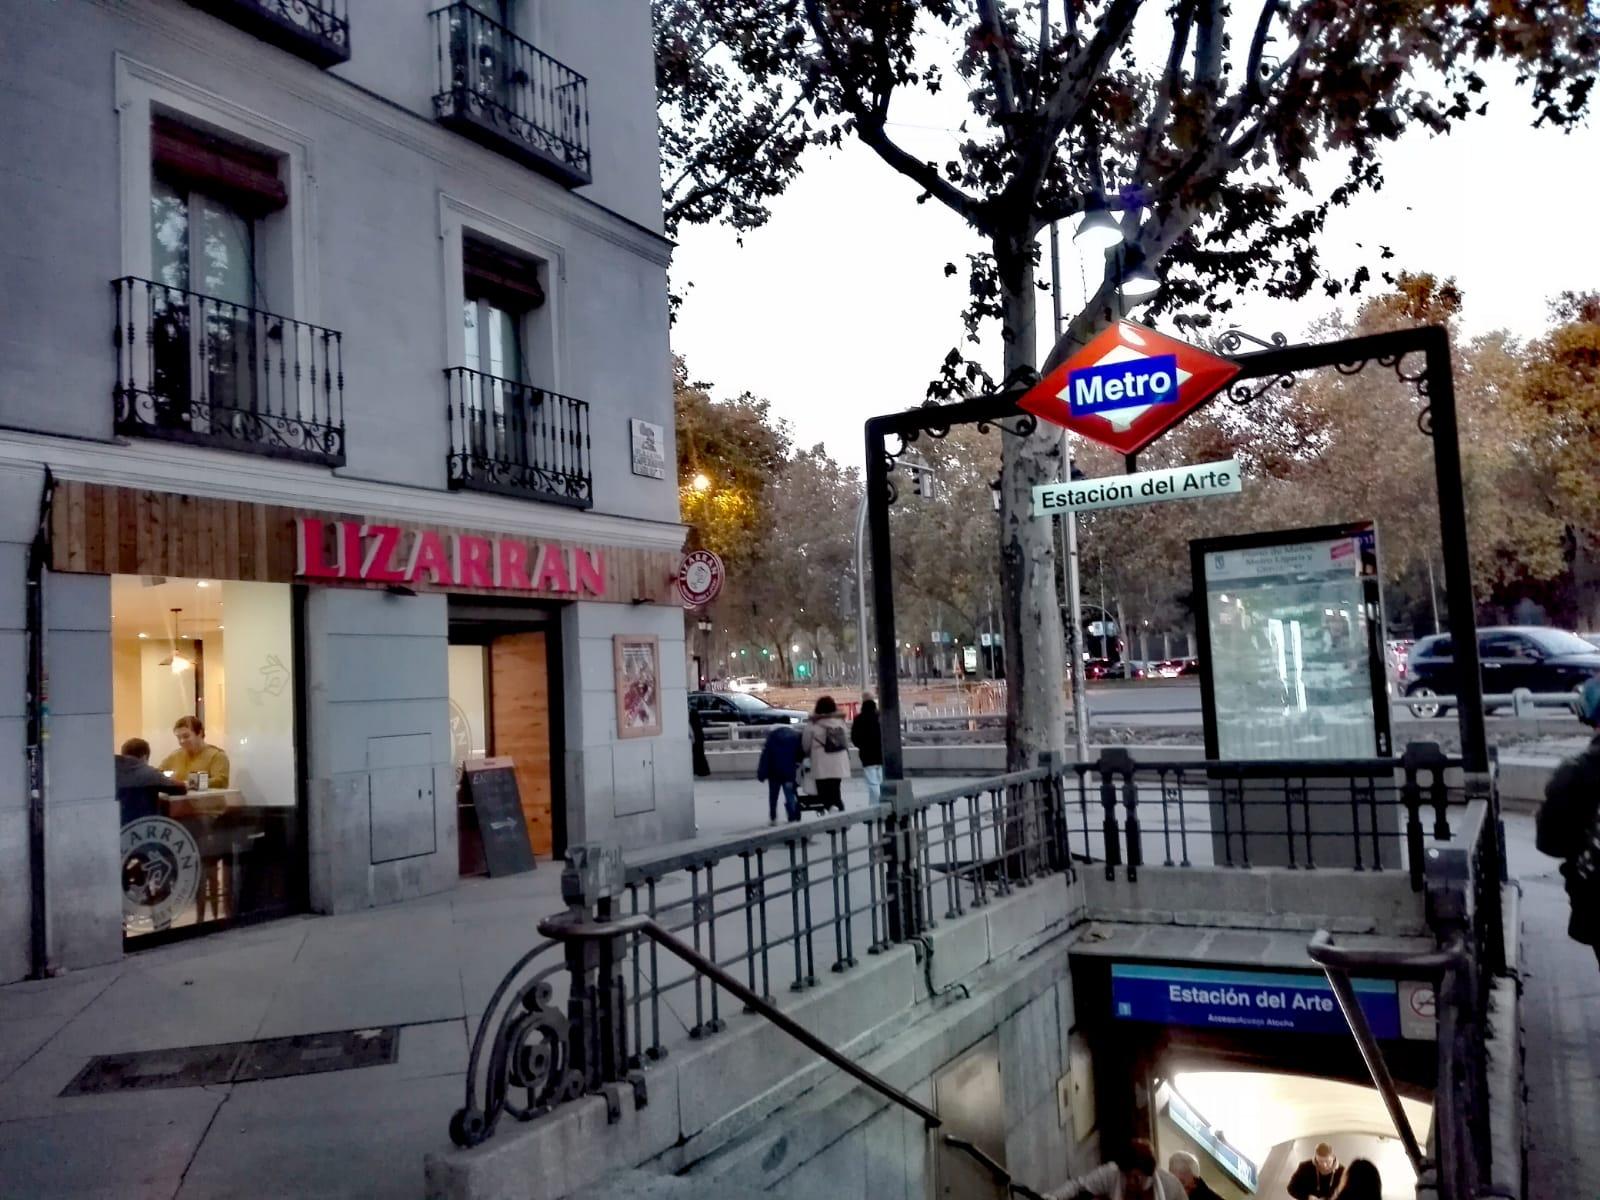 Madrid ahora tiene la Estación del Arte